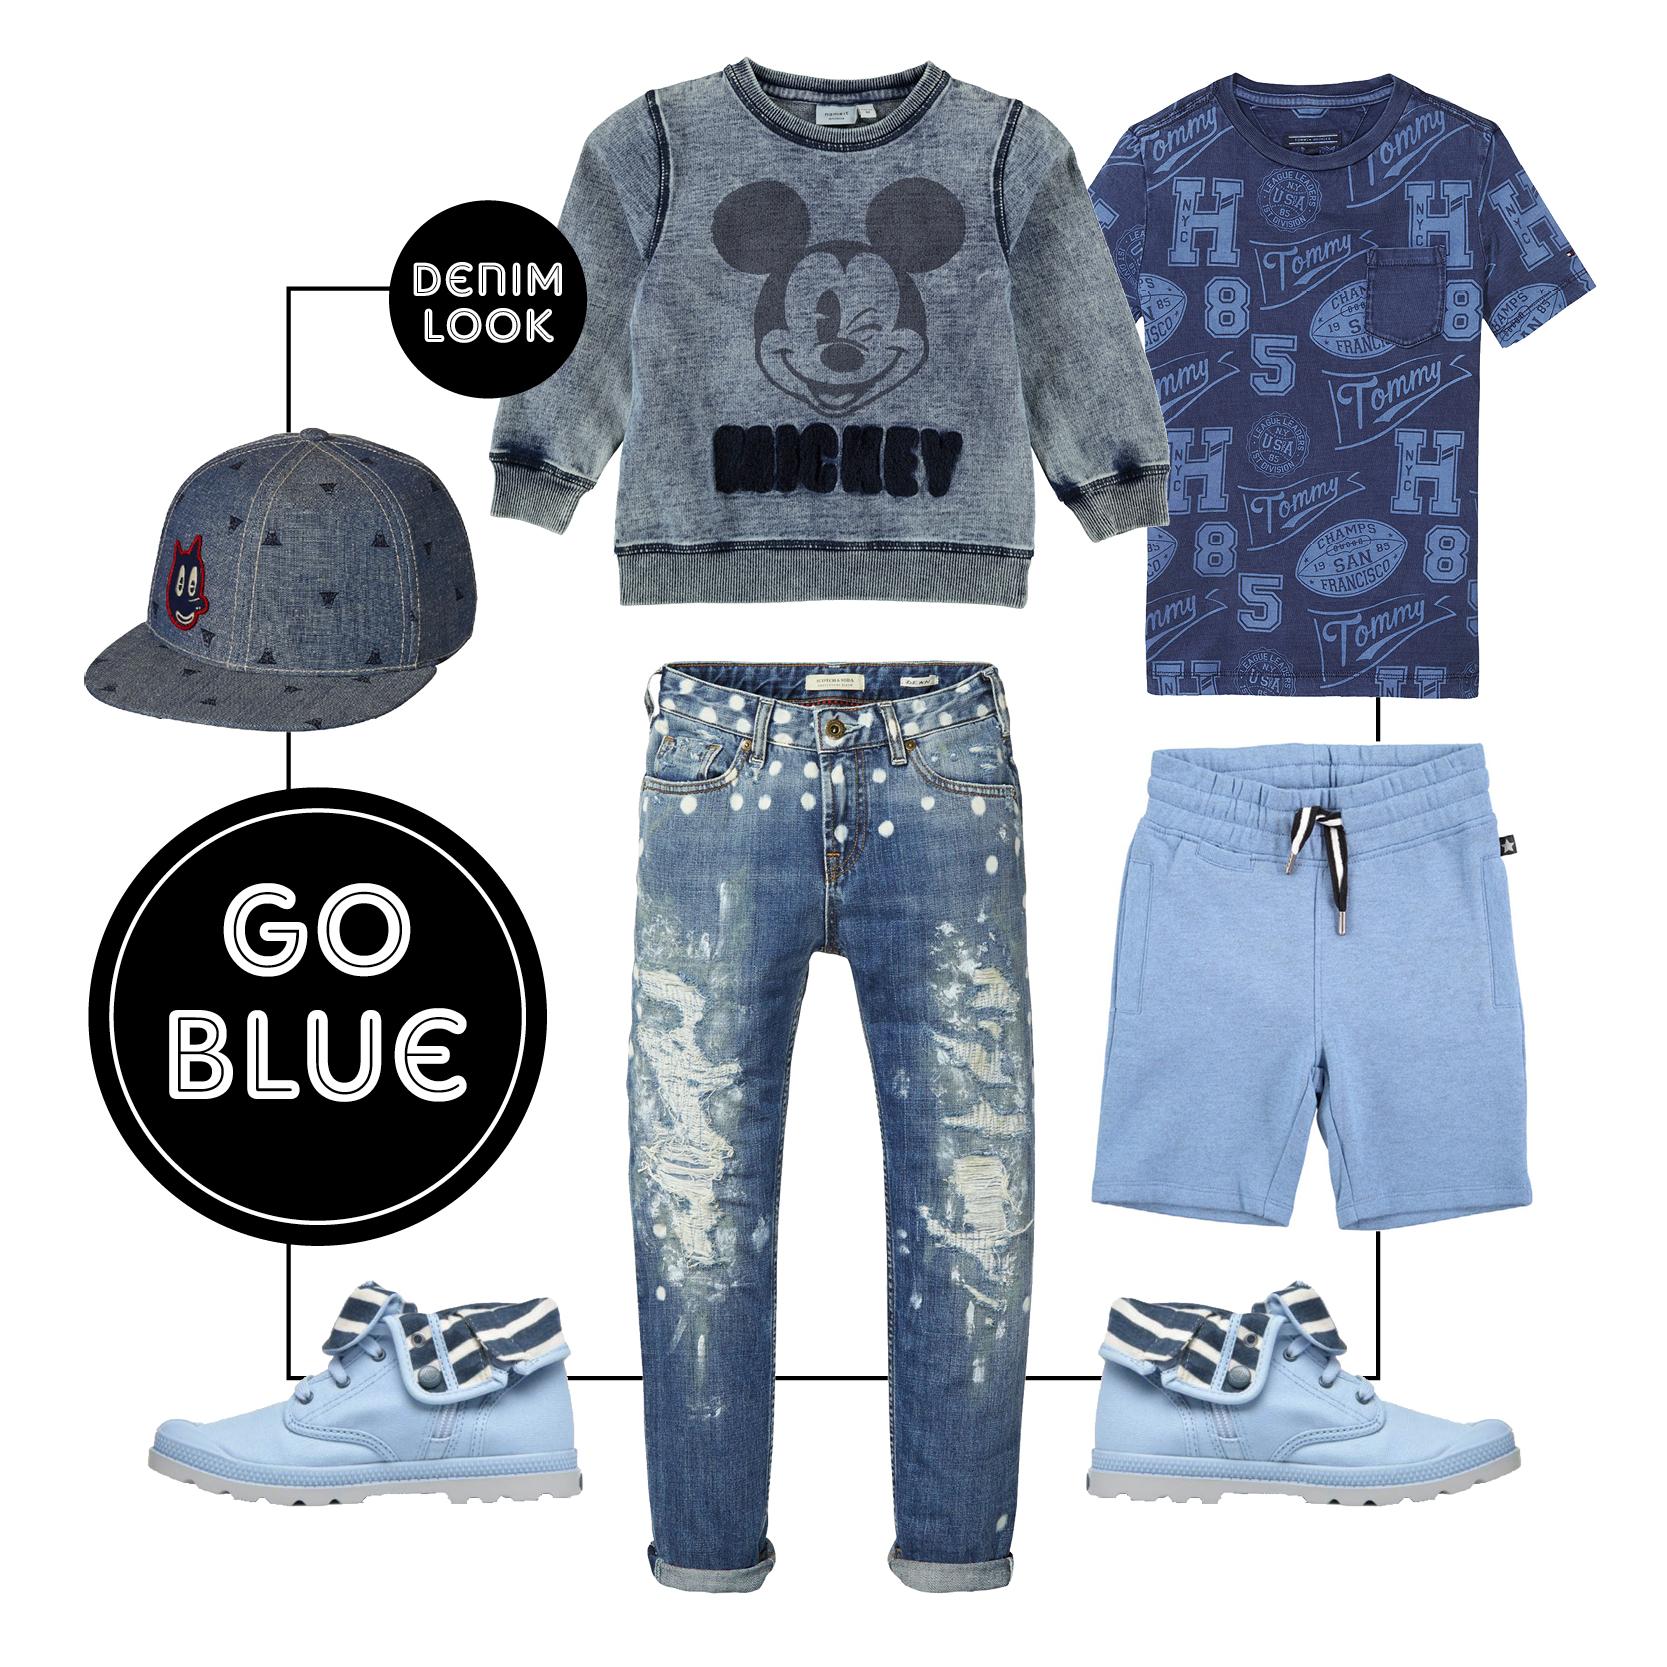 jongenskleding-zomer-zomerkleding-shopping-jongenskleding